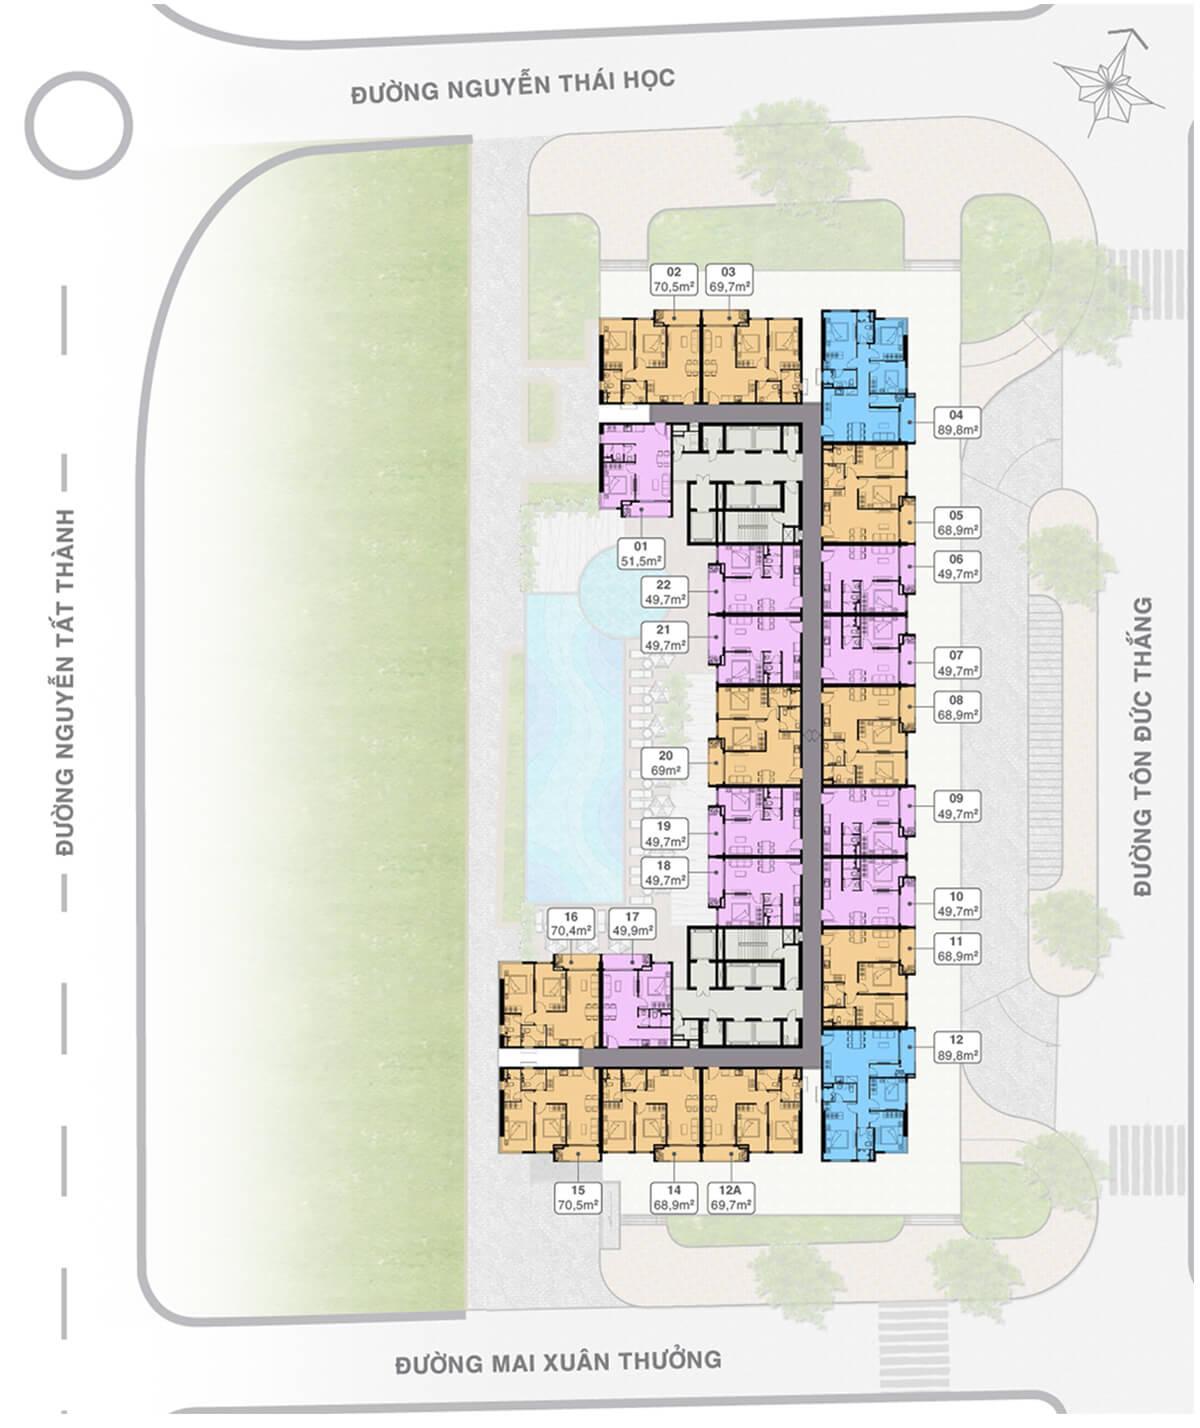 mặt bằng tầng điển hình dự án Grand Center Quy Nhon